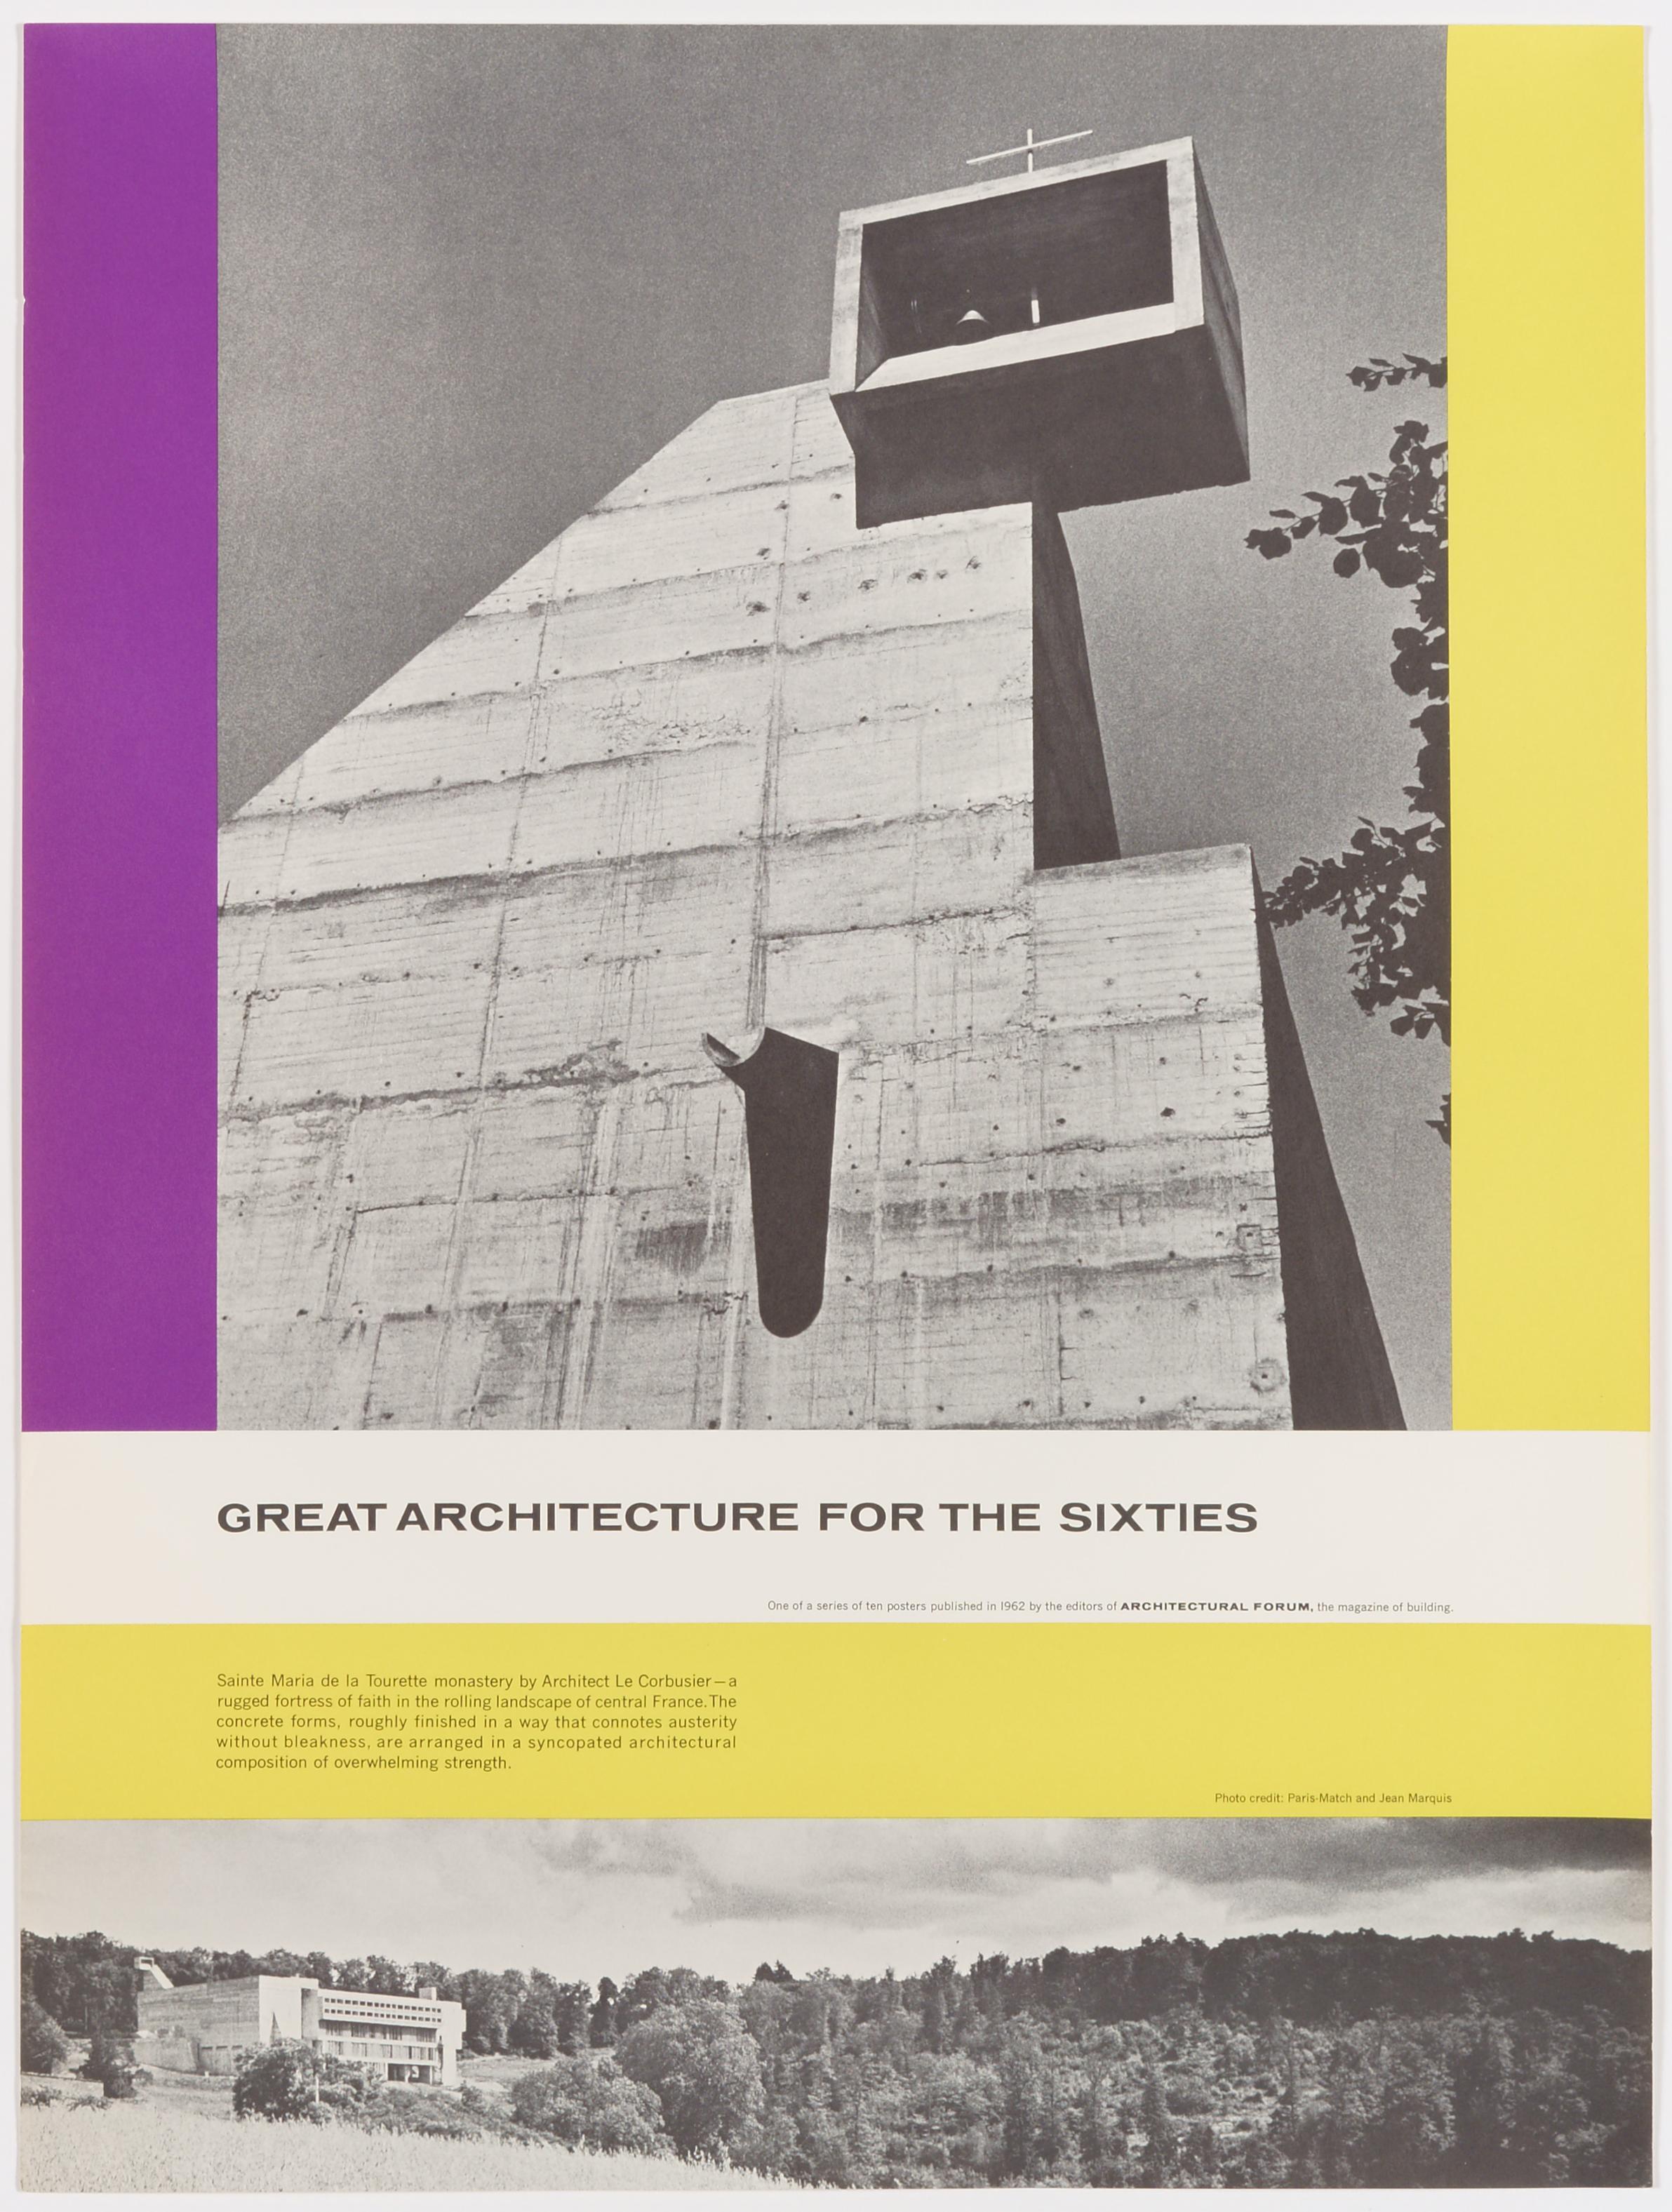 Great Architecture for the Sixties –La Tourette by Le Corbusier